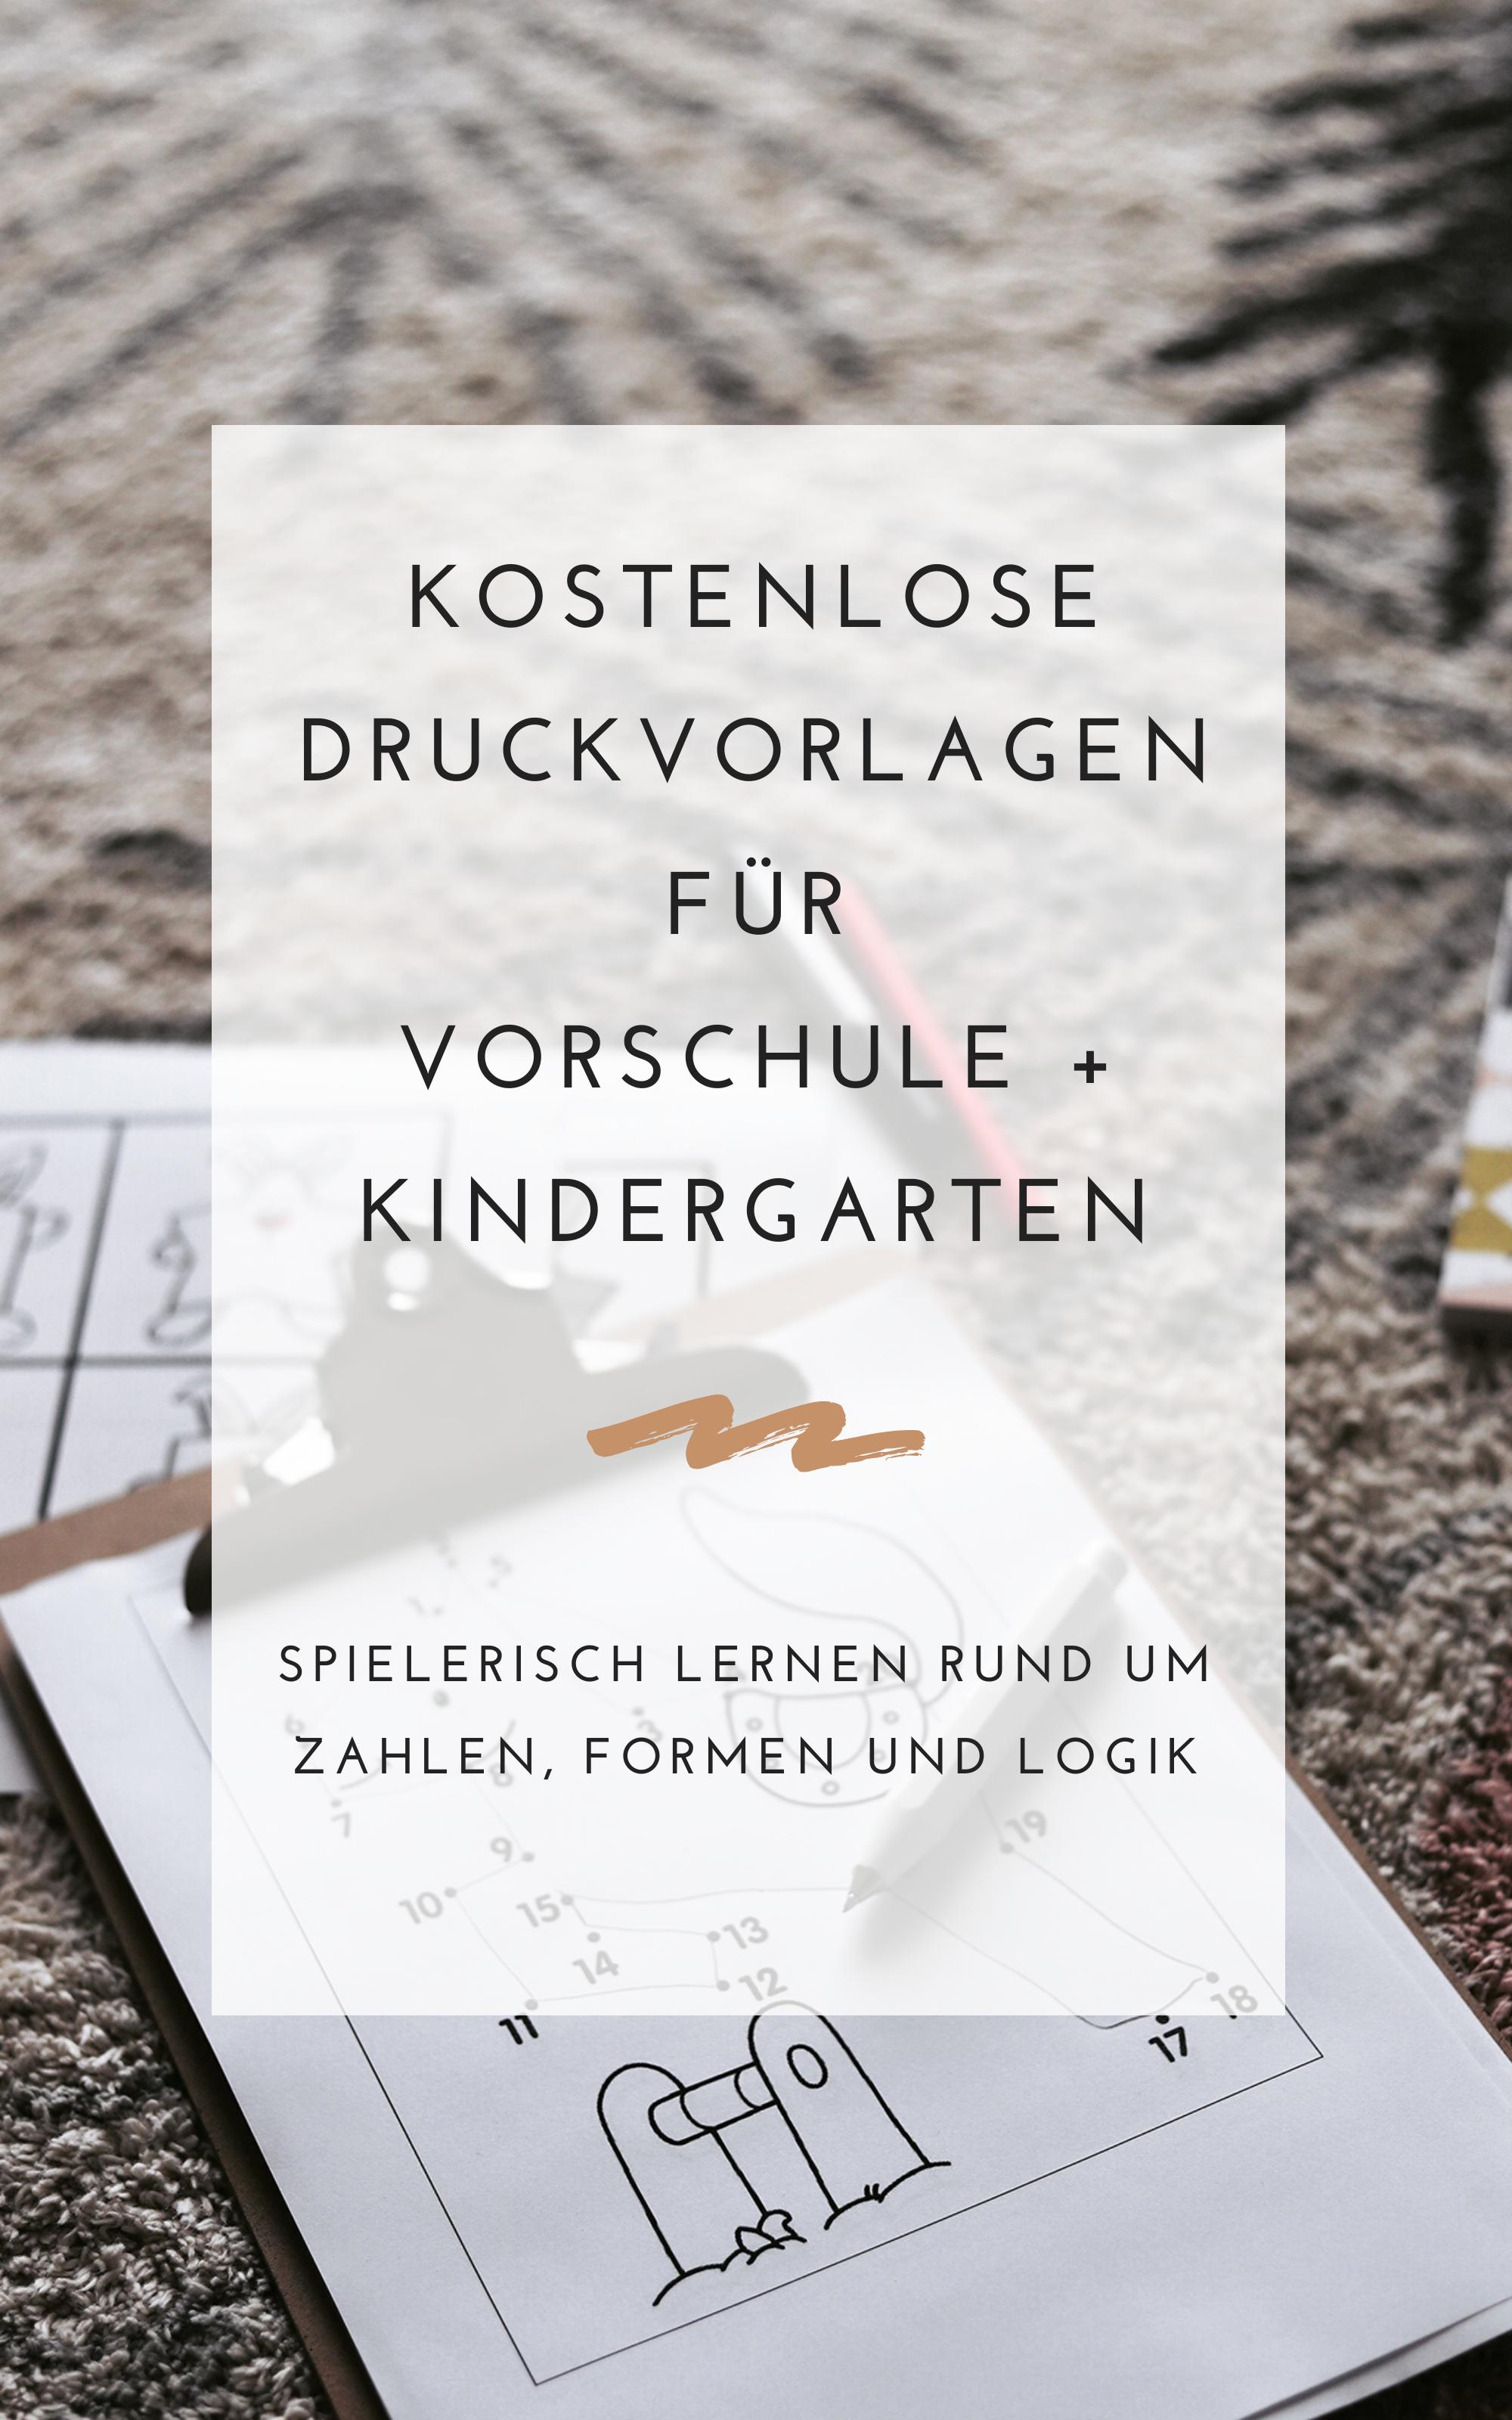 Kostenlose Druckvorlagen für Vorschule + Kindergarten